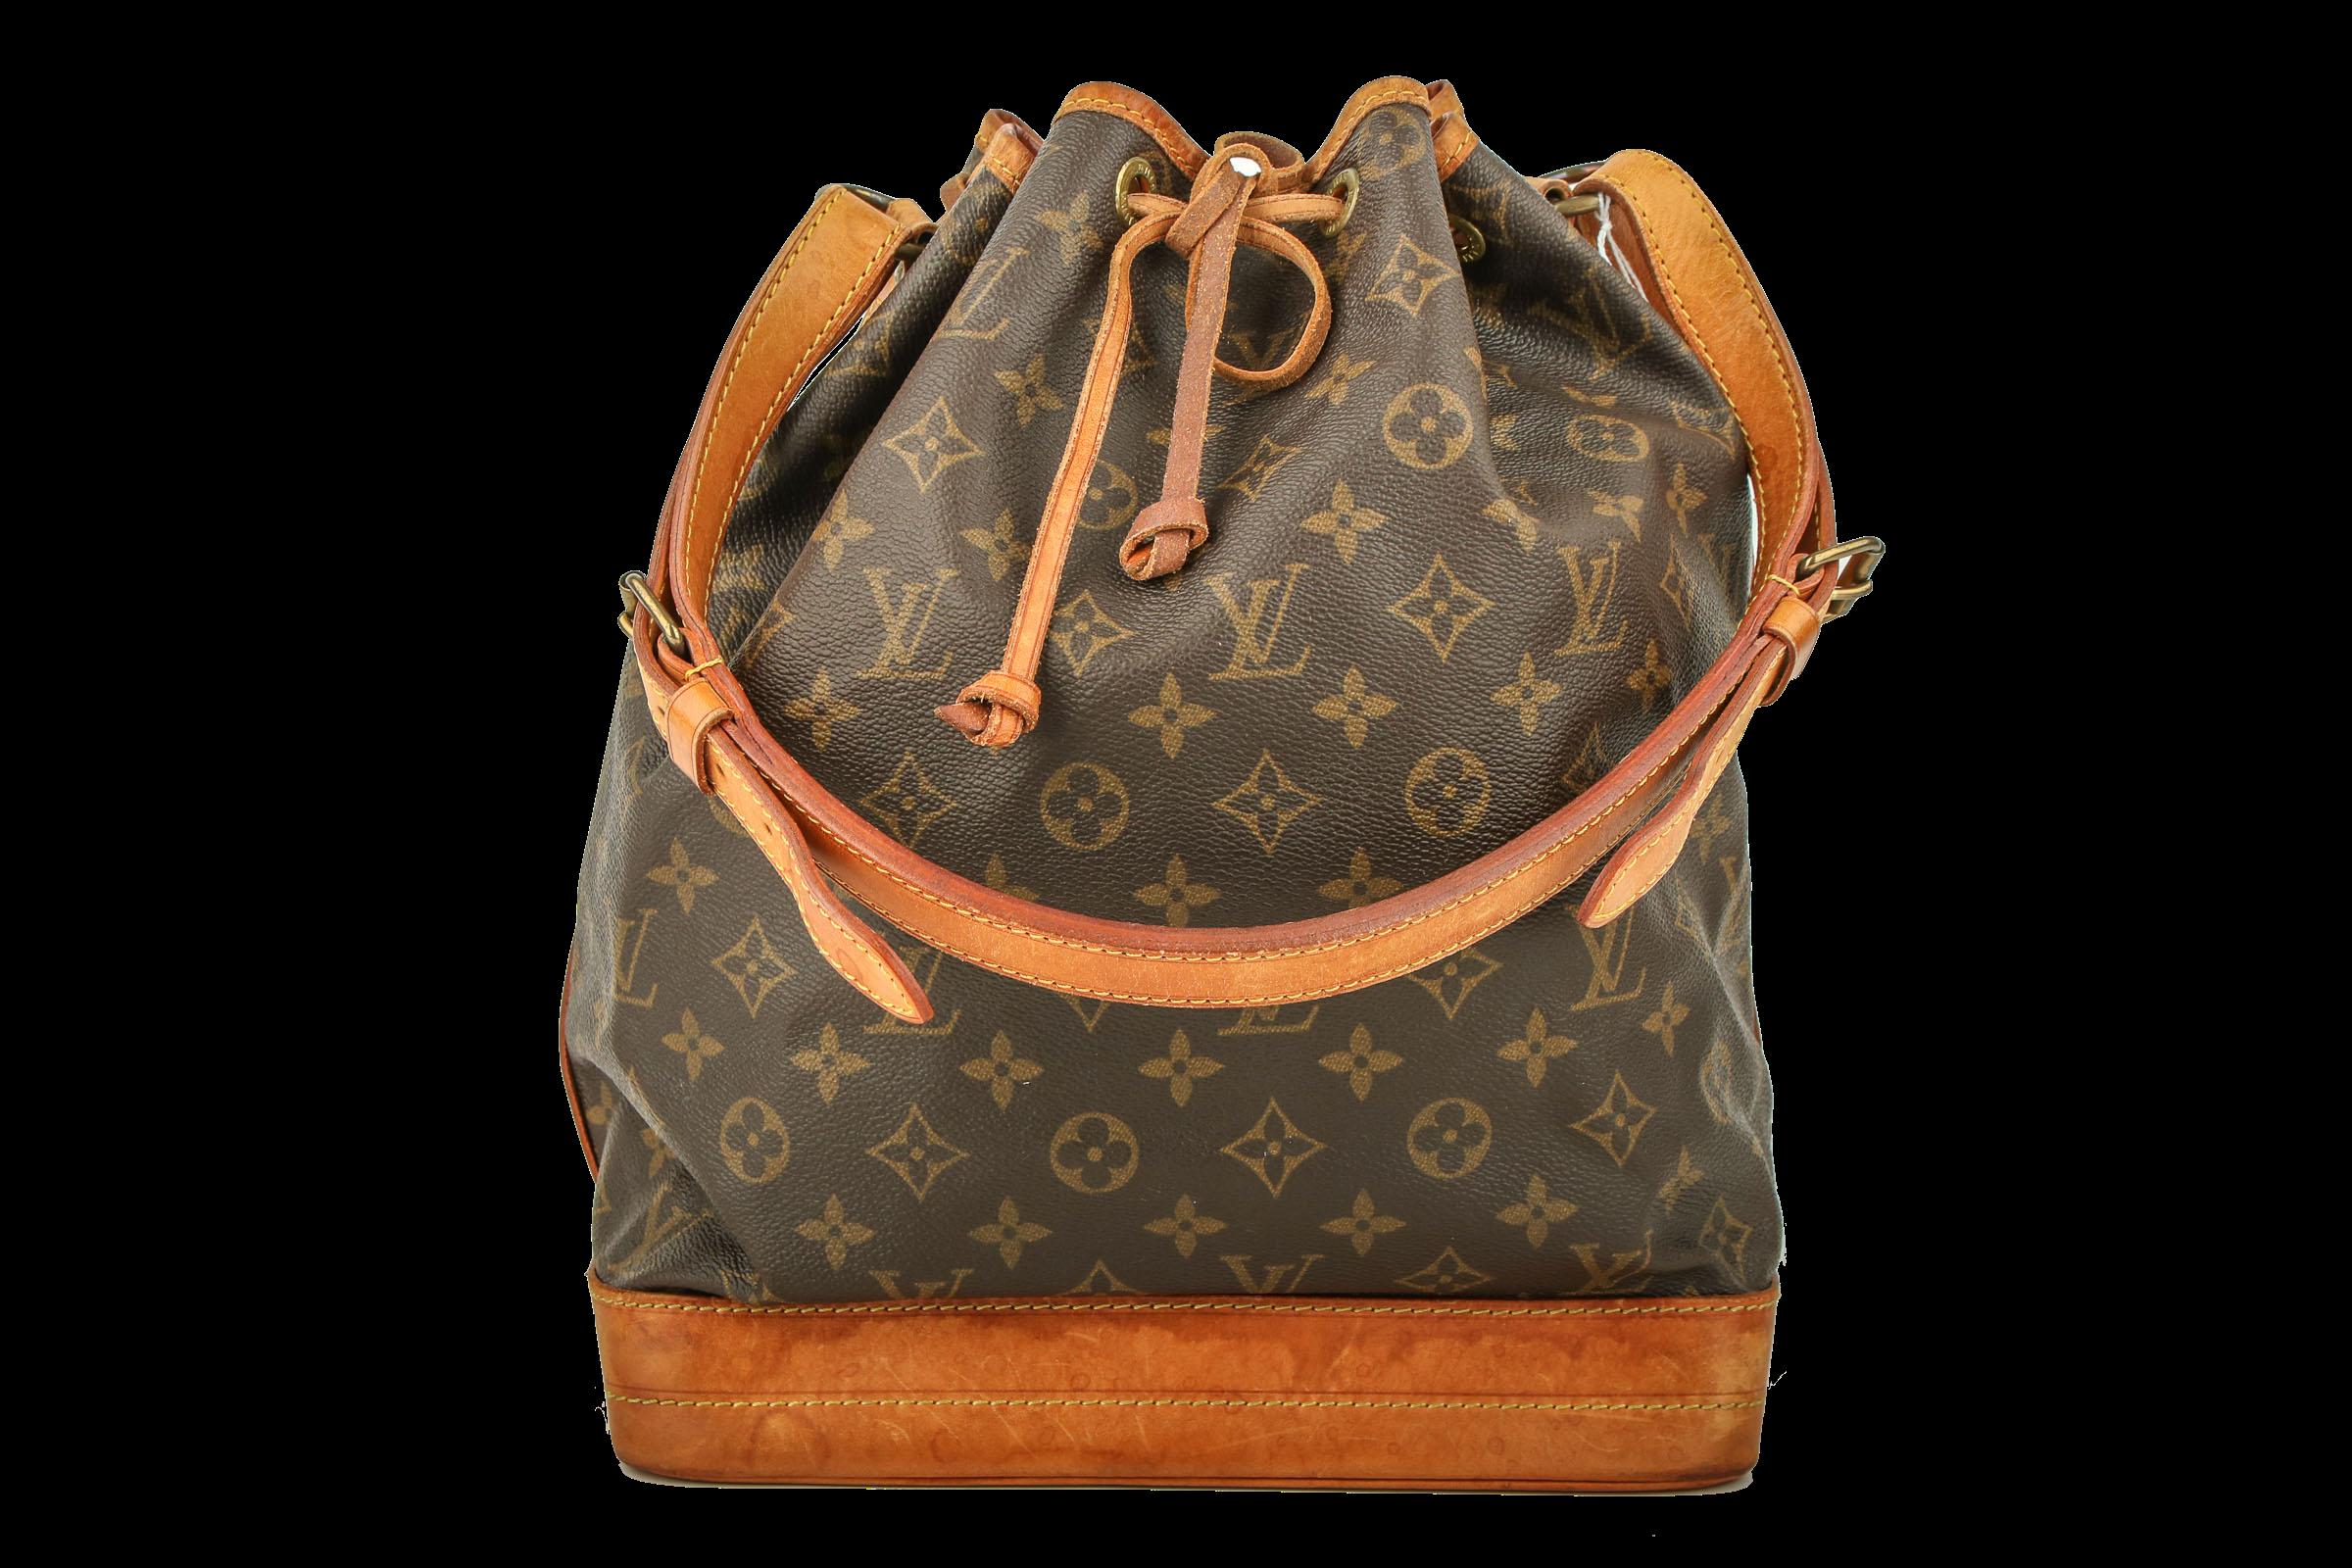 afa46bbd73 Louis Vuitton Handtaschen & Accessoires   www.semadatacoop.org